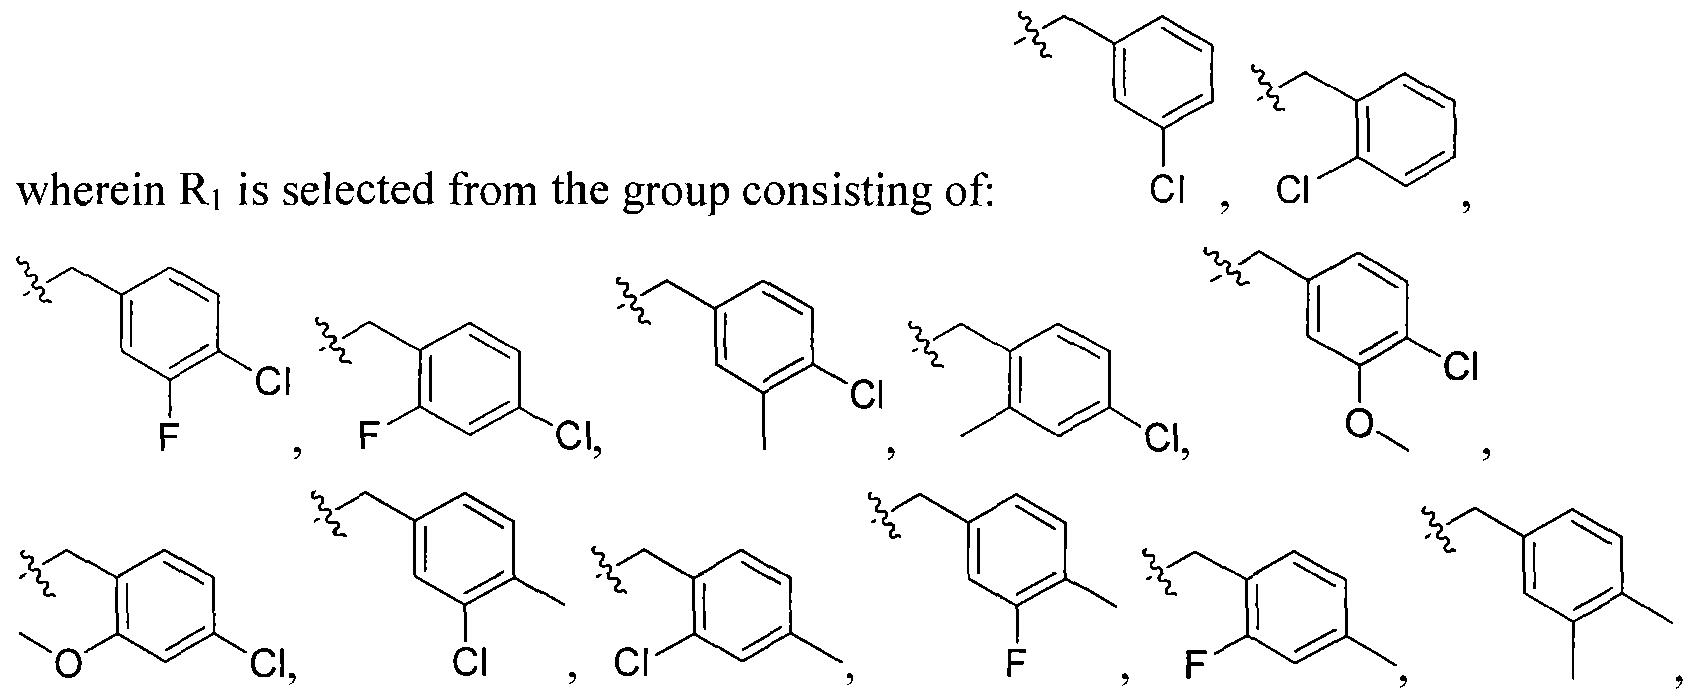 Figure imgf000020_0005